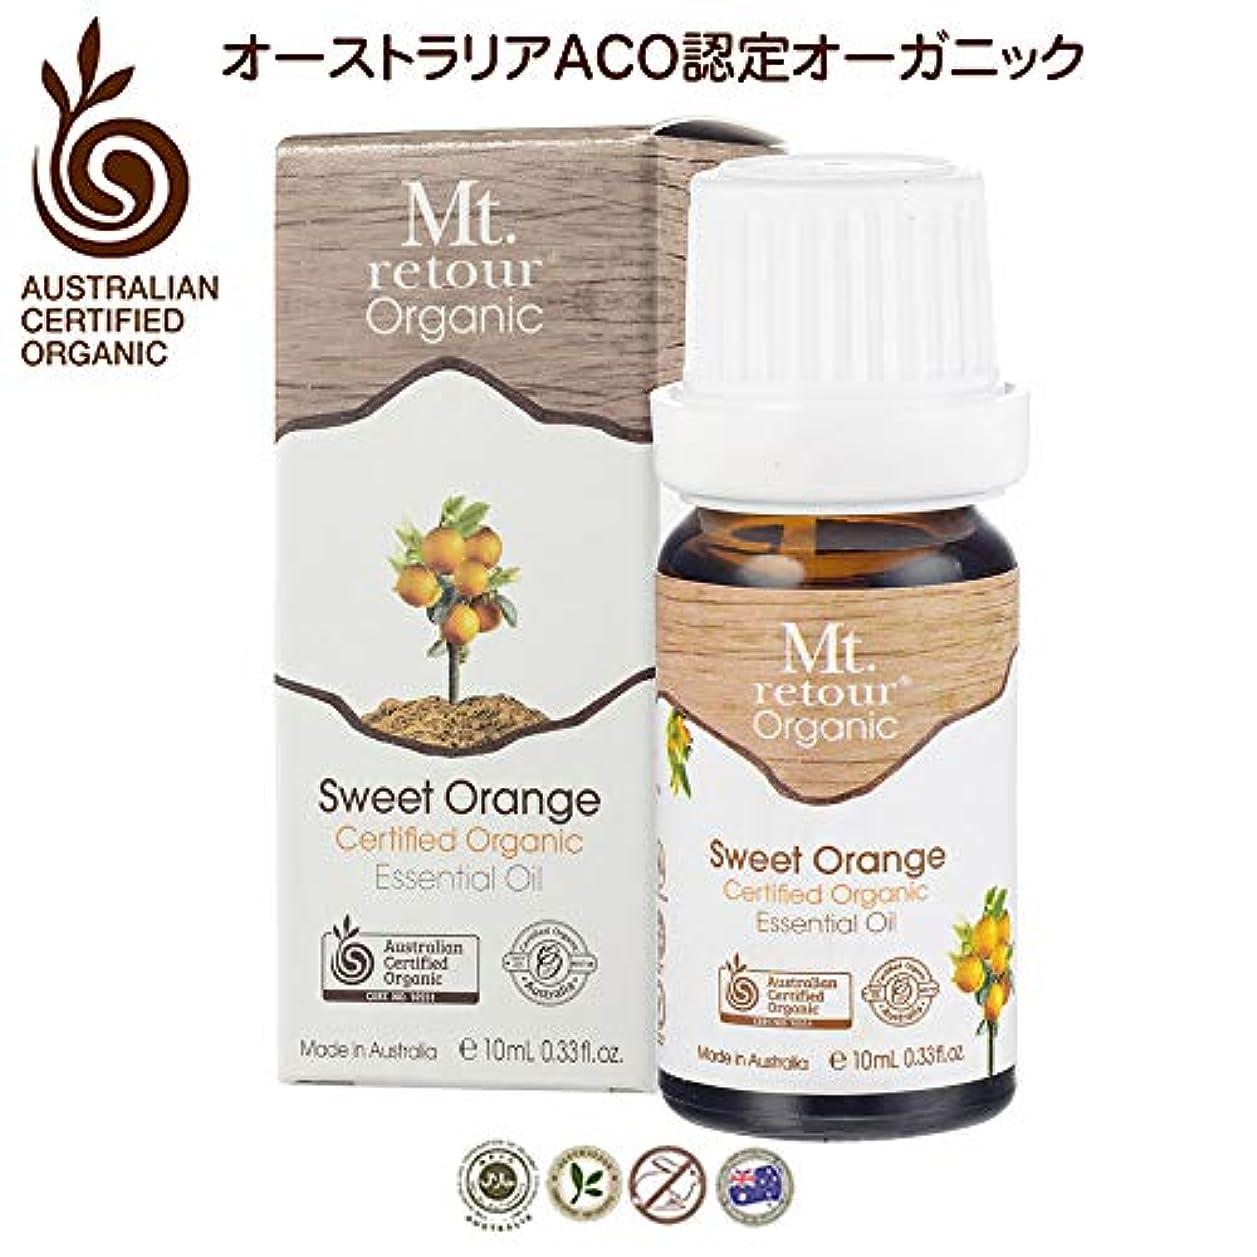 ステージワゴンシングルMt. retour ACO認定オーガニック オレンジスイート 10ml エッセンシャルオイル(無農薬有機)アロマ